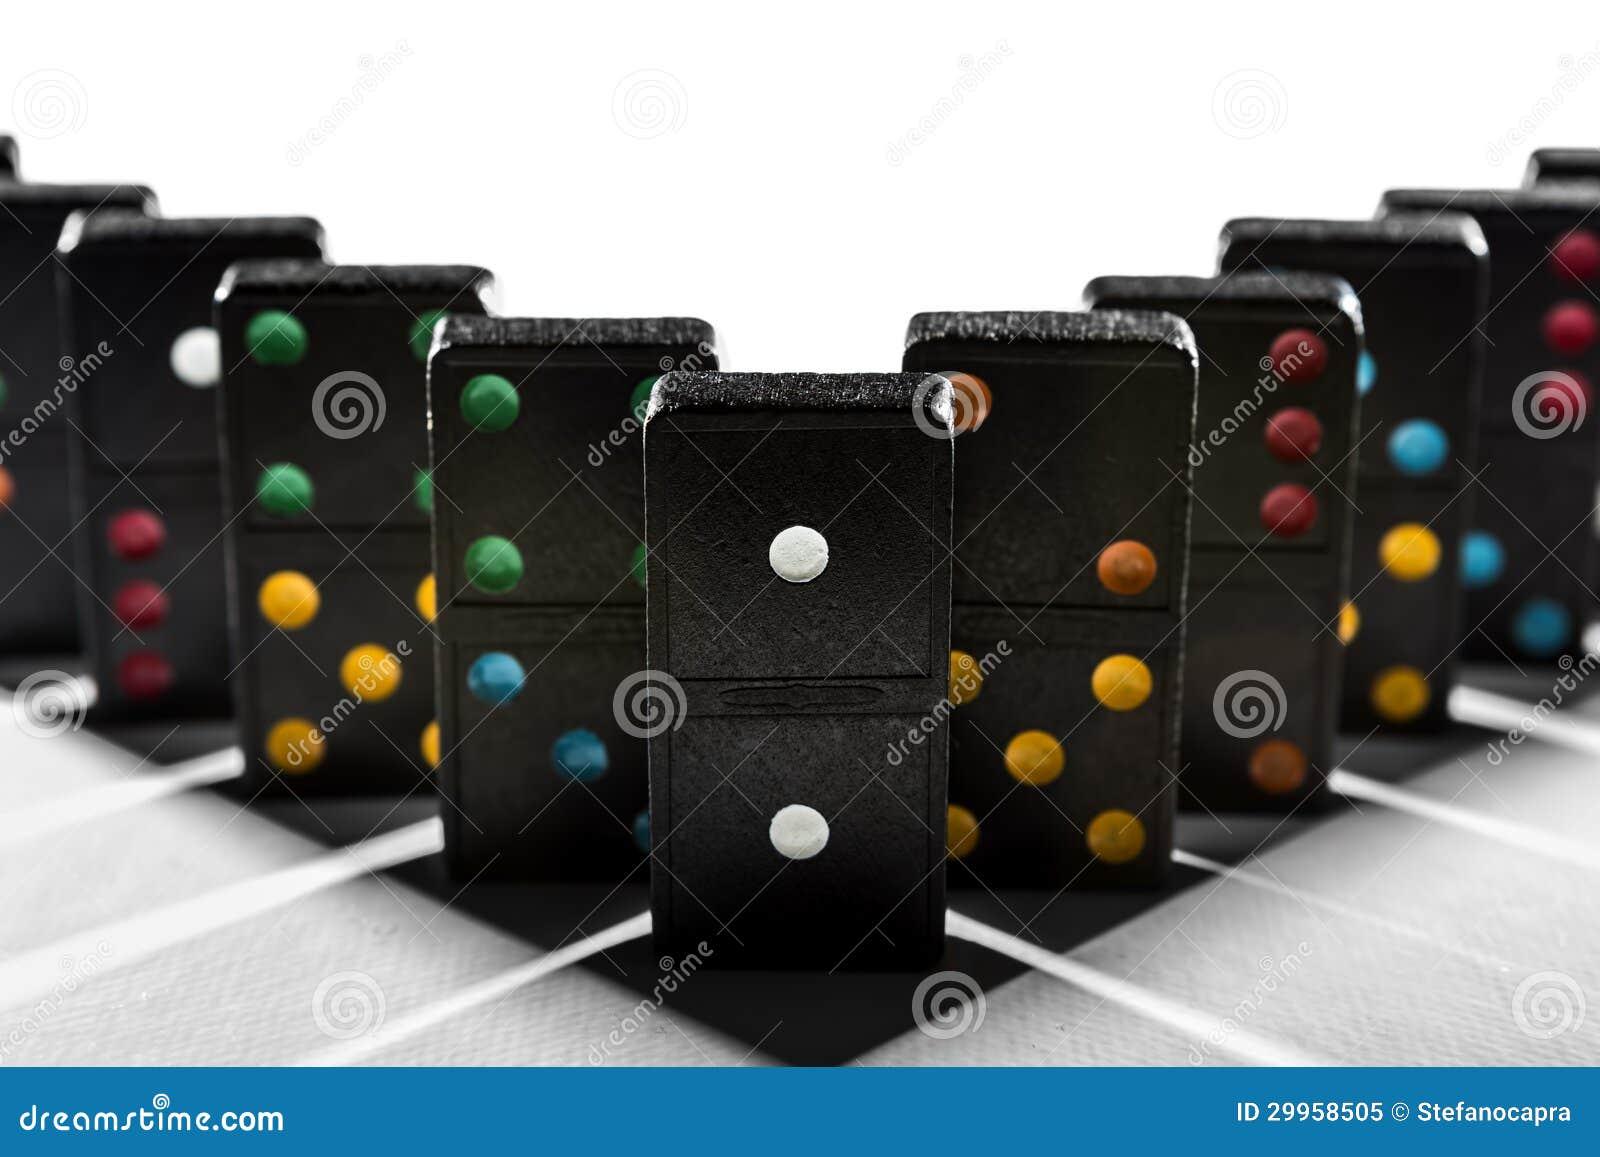 De schaduwmeetkunde van de domino